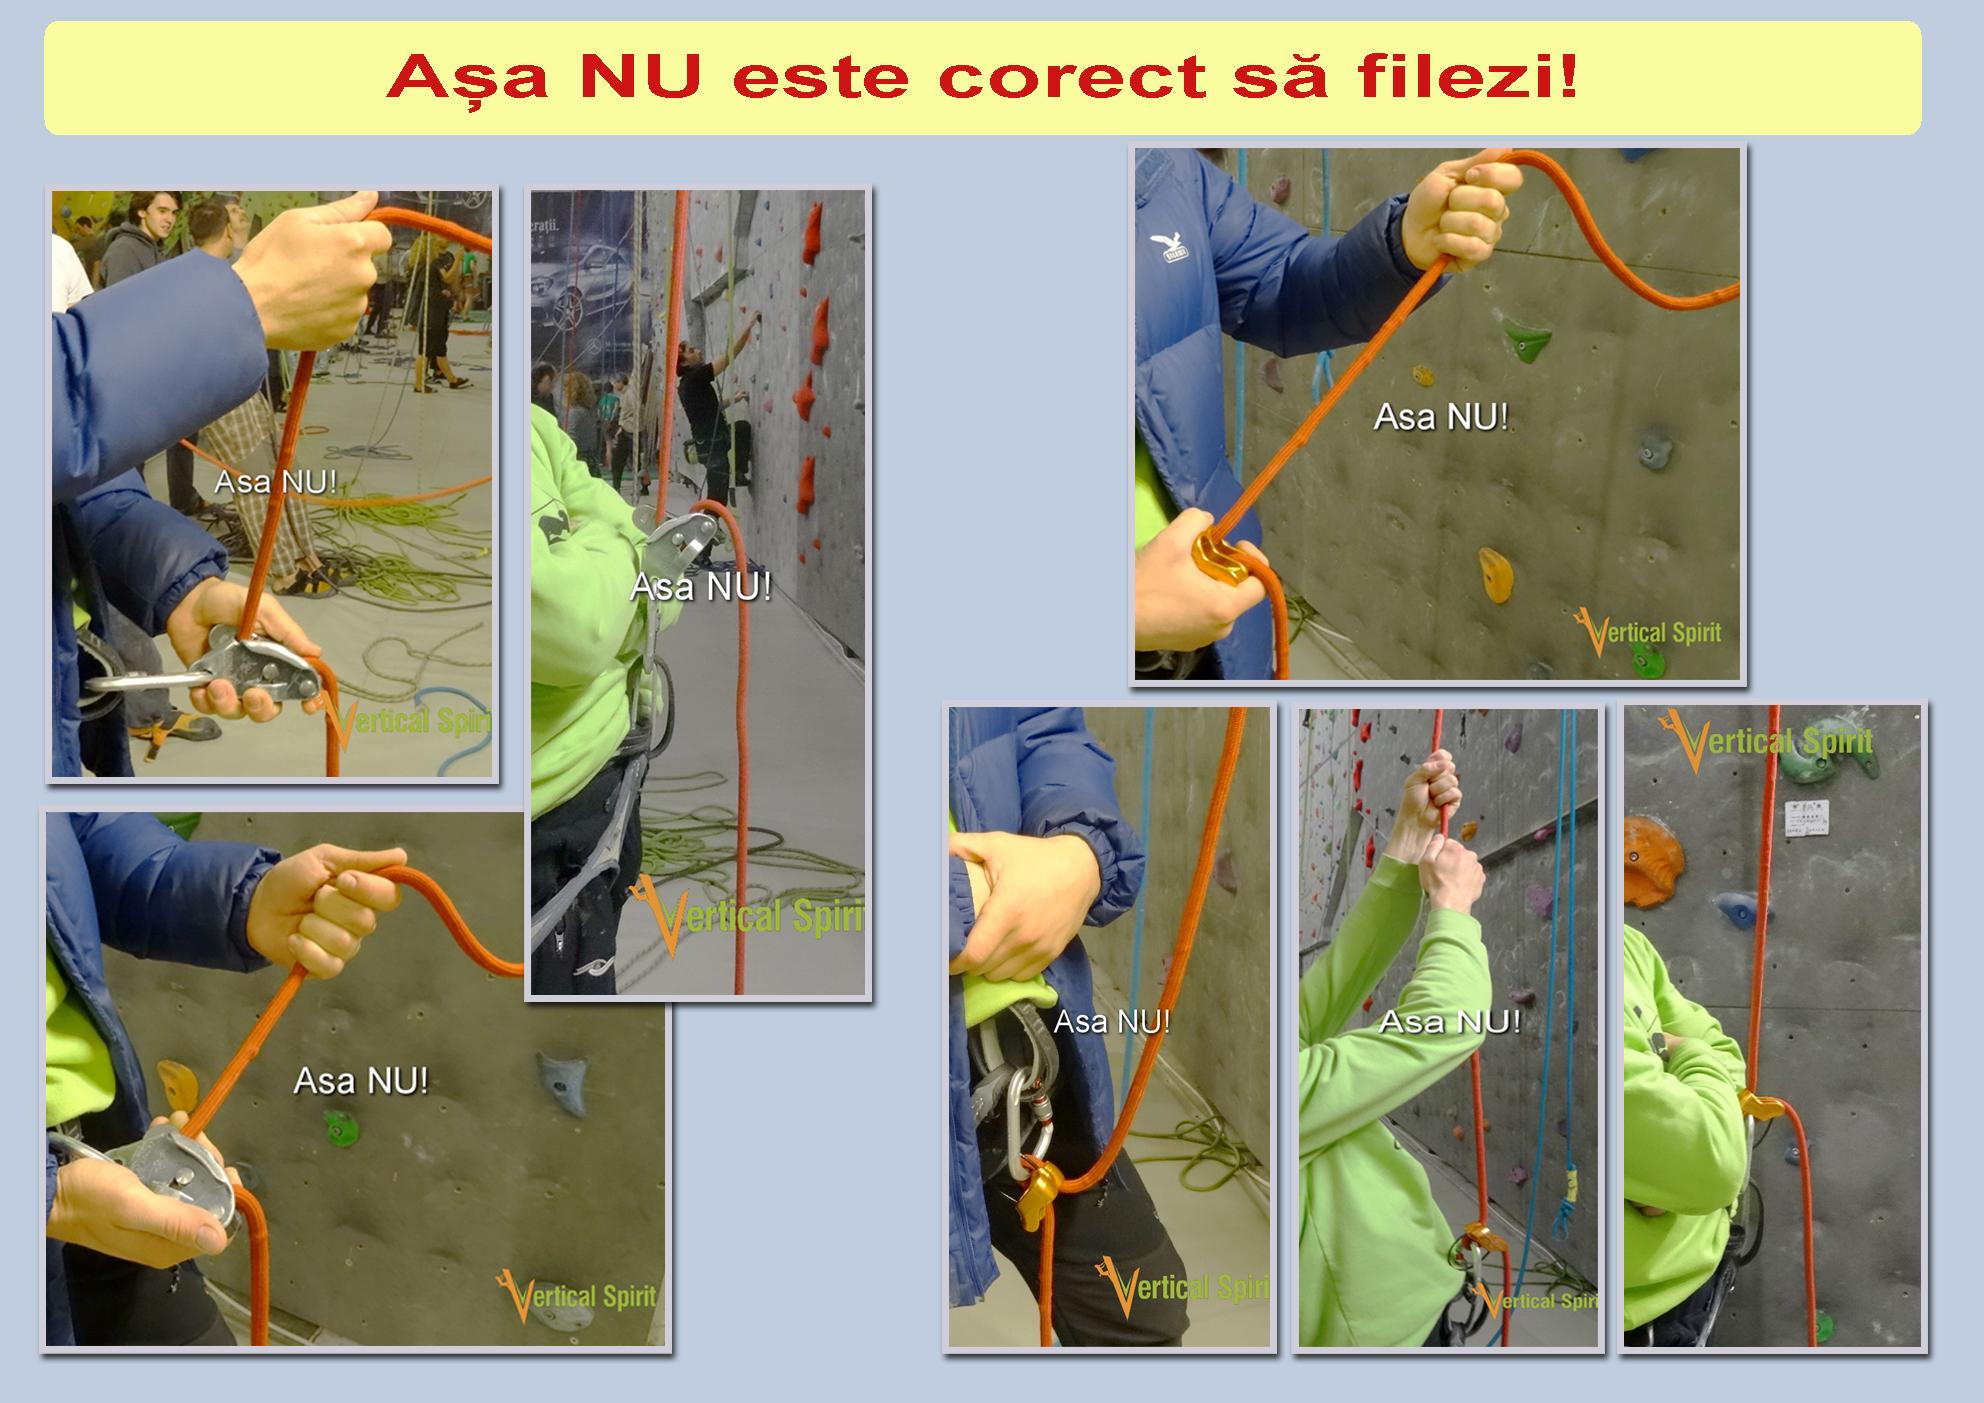 Nu_la_Filat_ilustrare.jpg